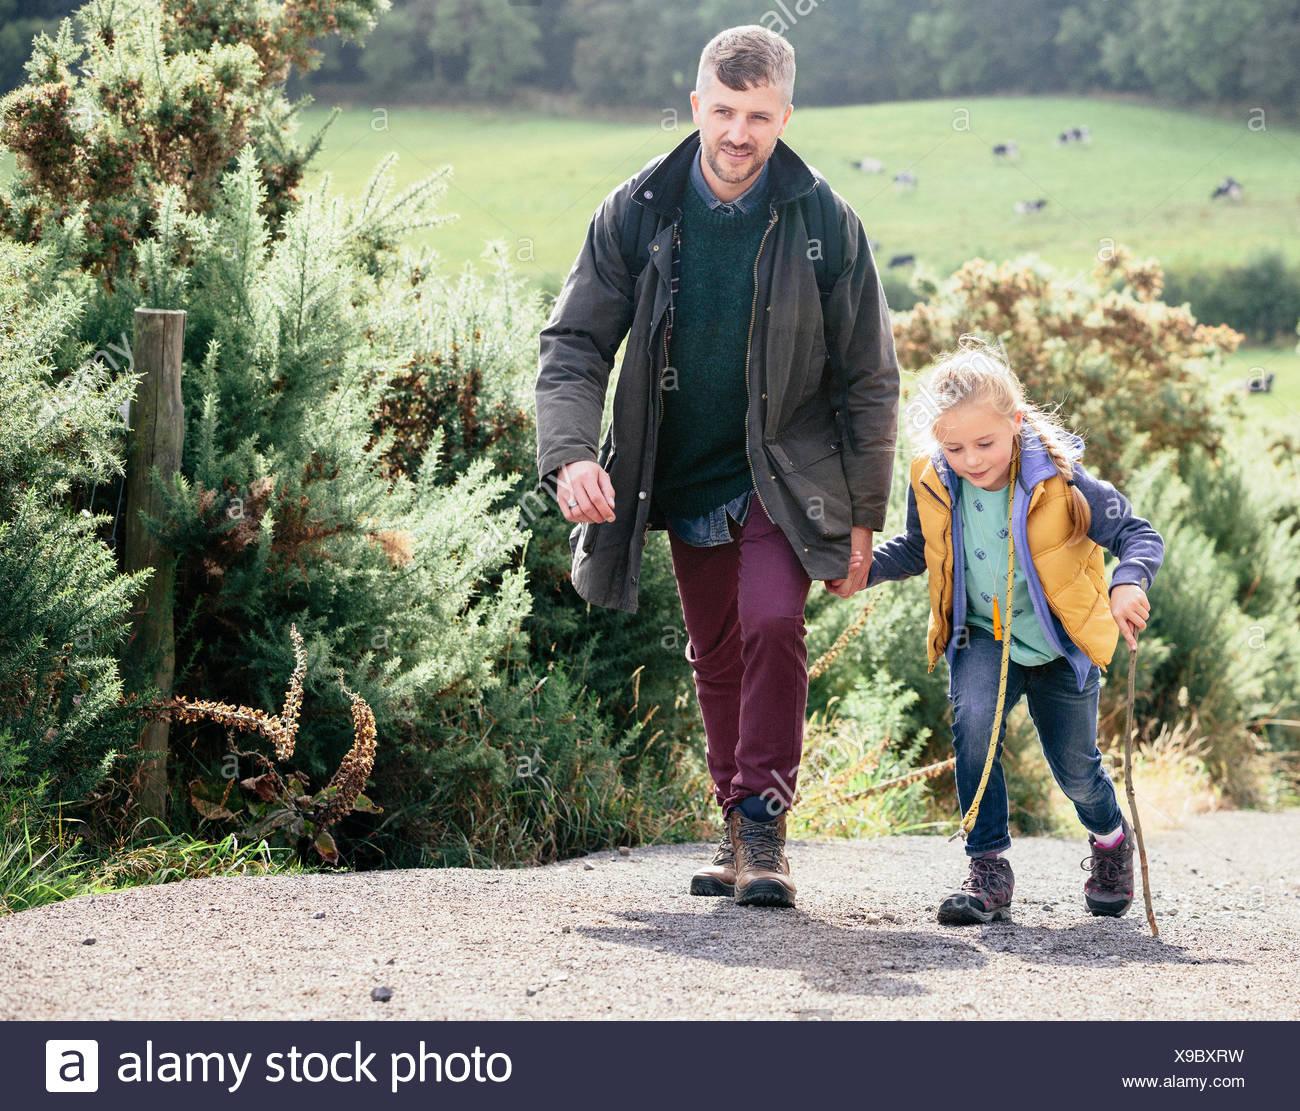 Padre e figlia escursionismo su strada rurale Immagini Stock